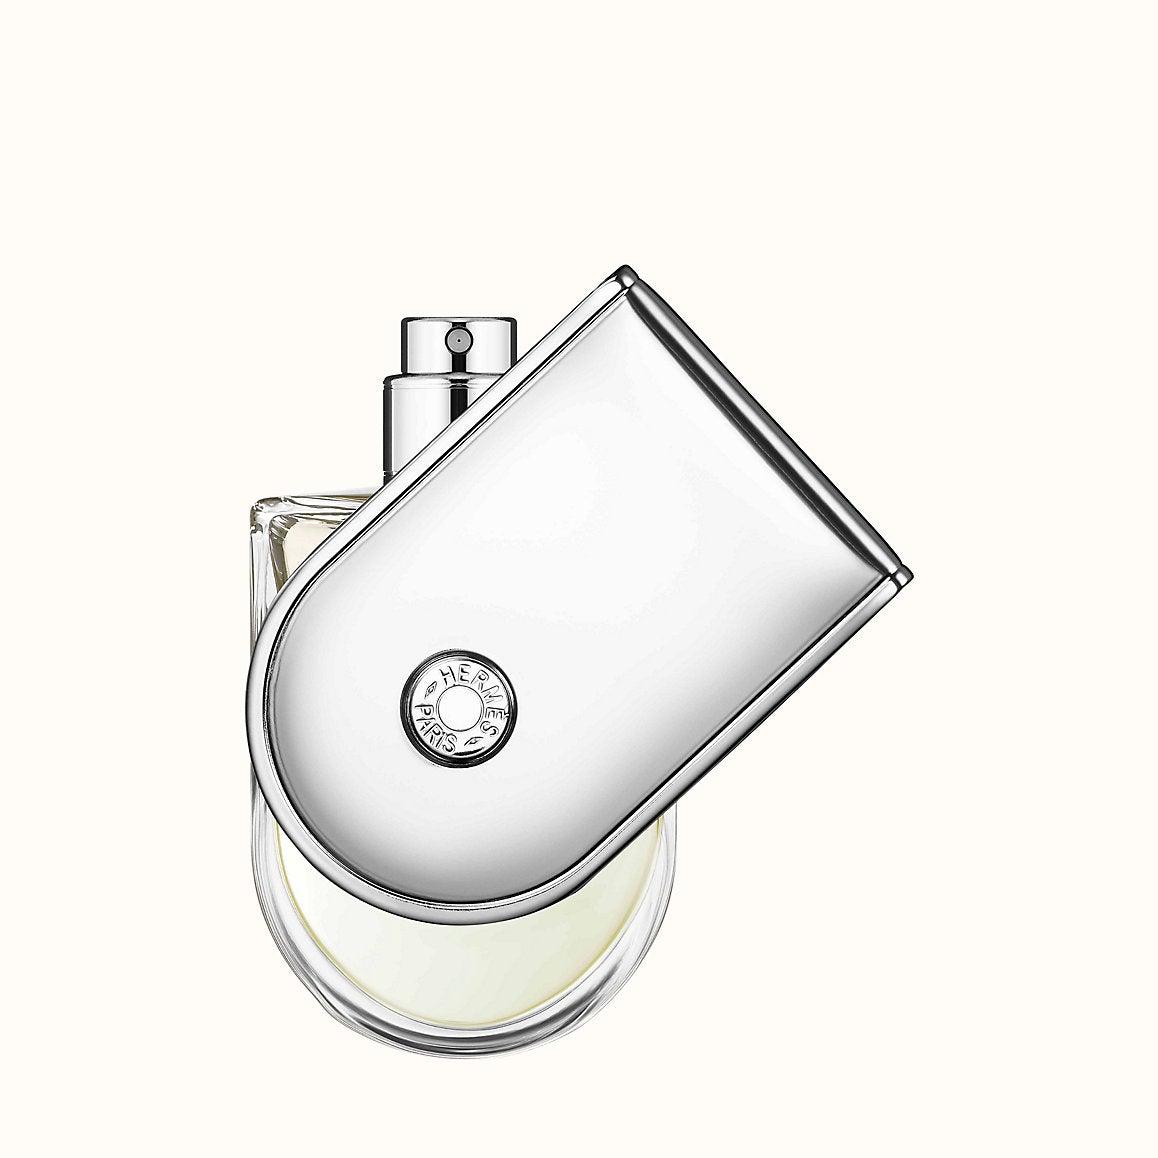 voyage-d-hermes-eau-de-toilette–26214-front-1-300-0-1158-1158_b